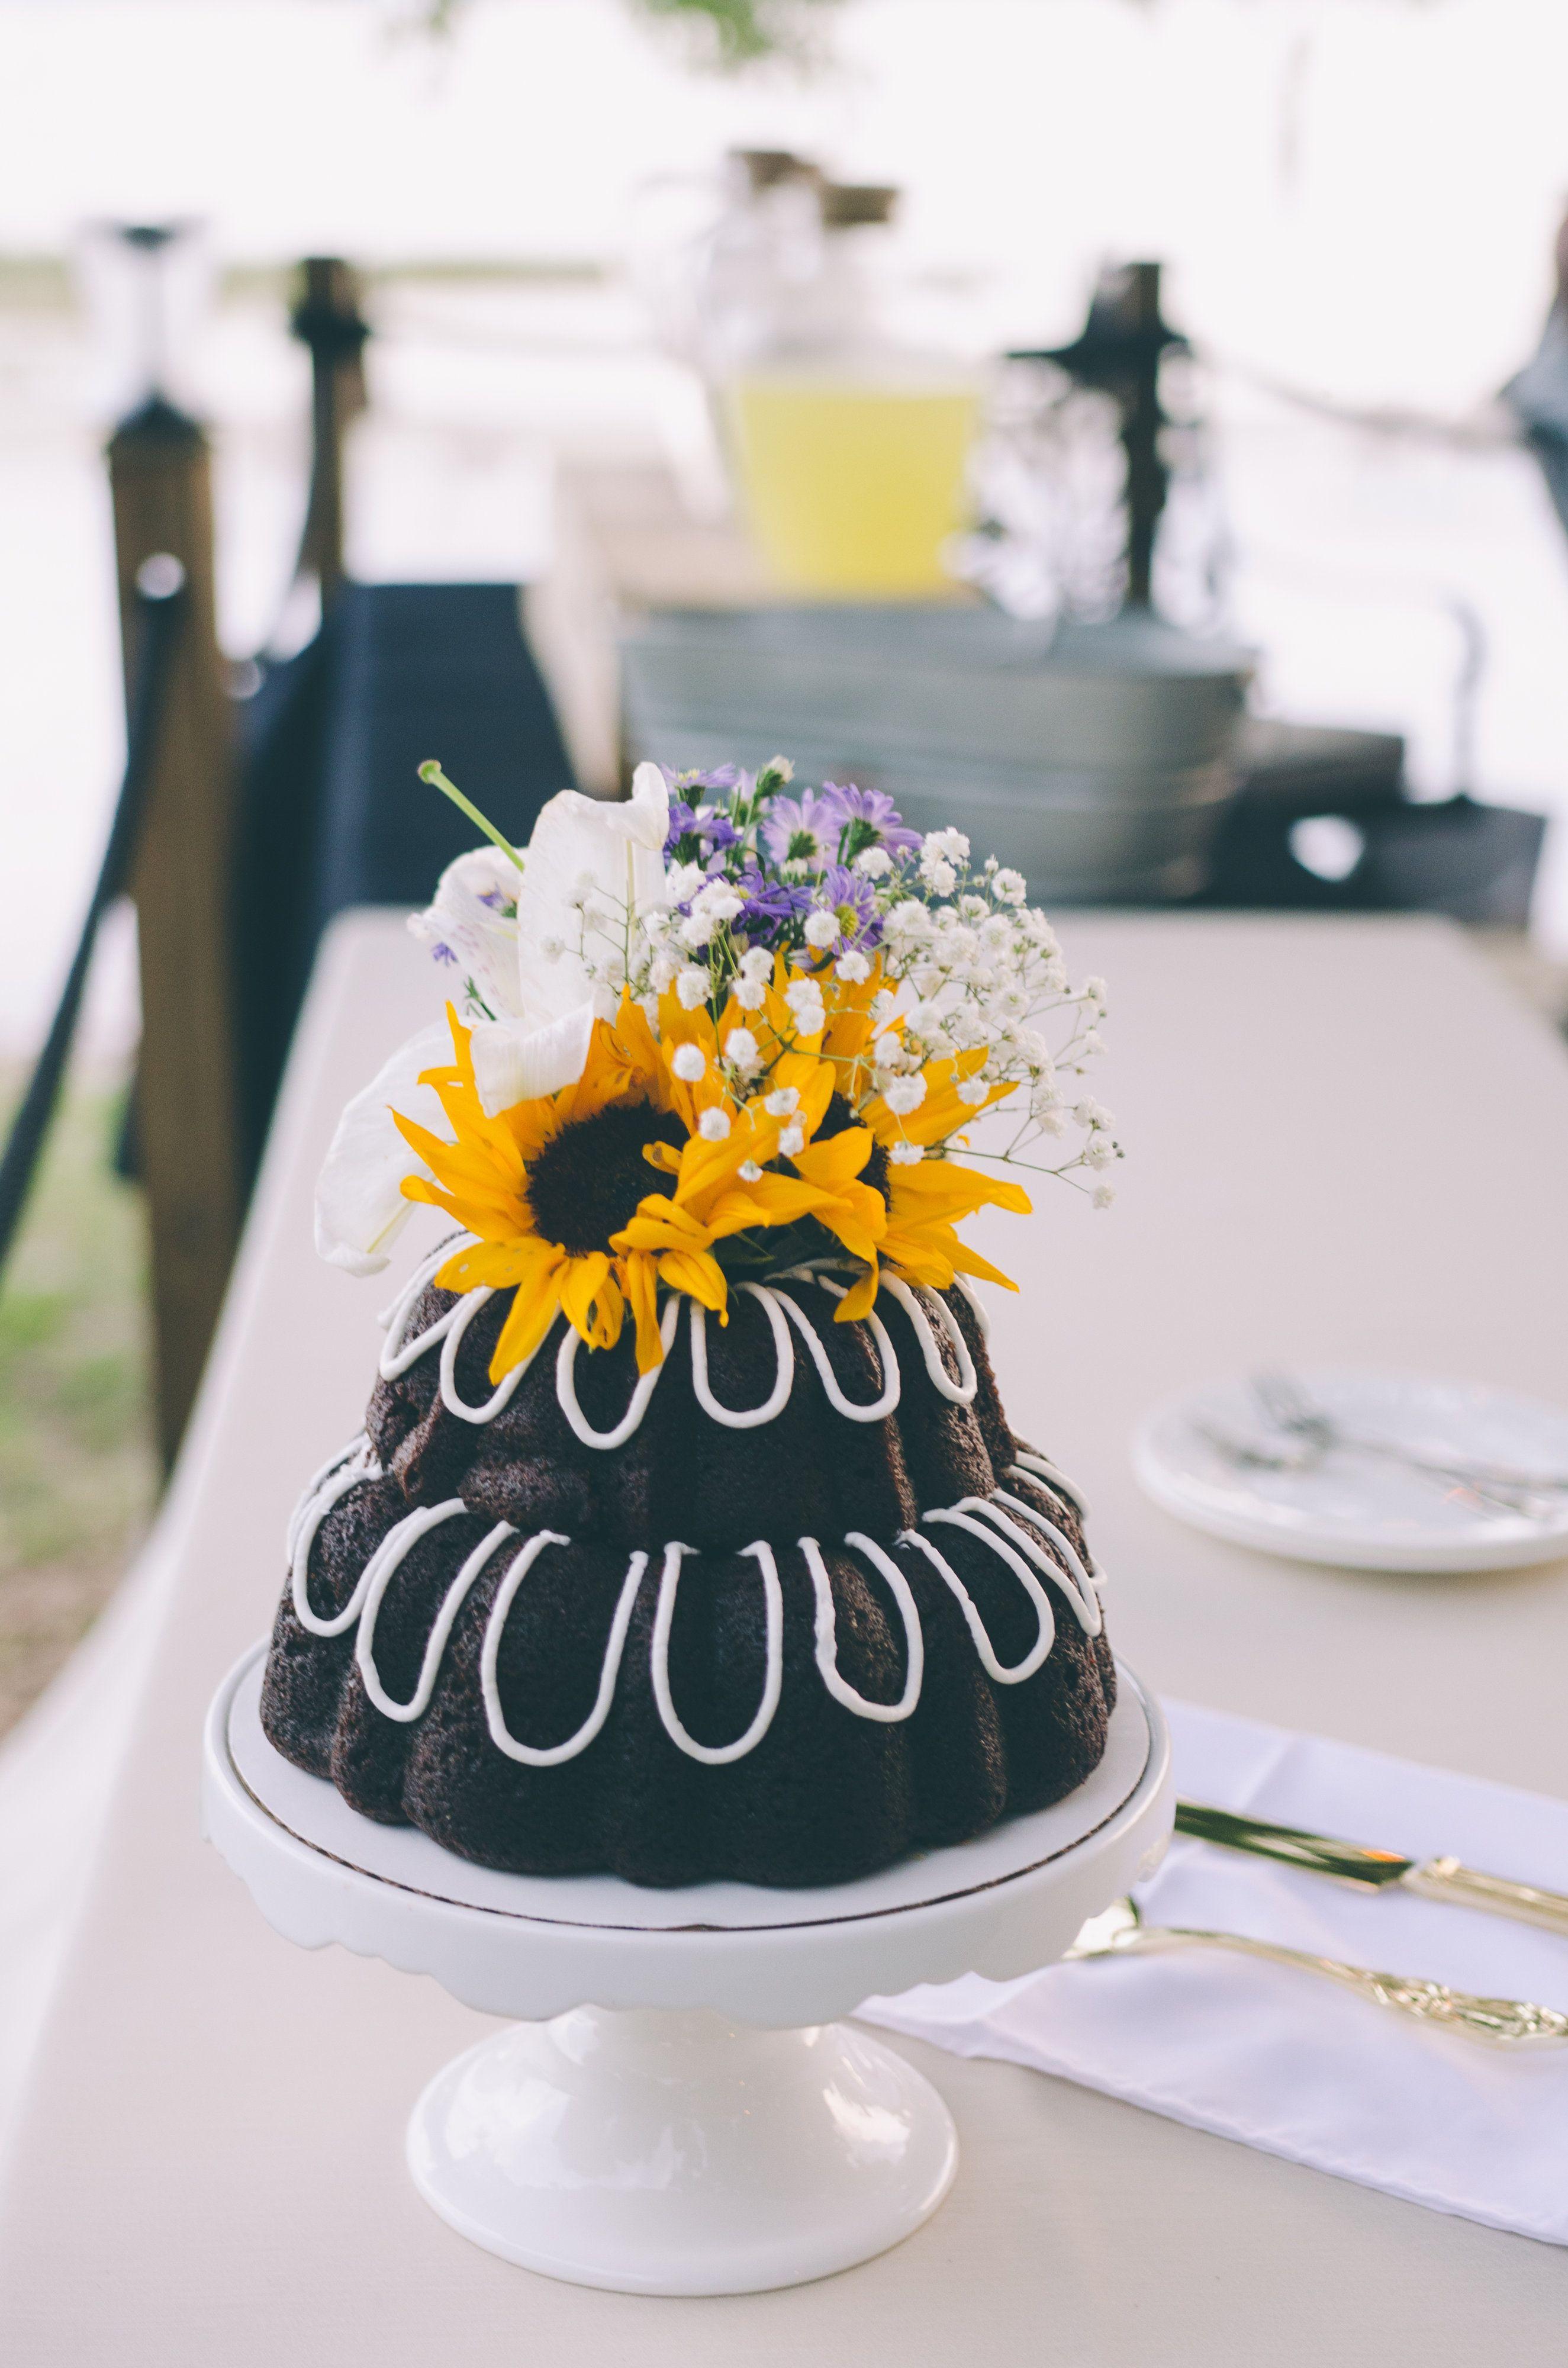 Tiered Bundt Wedding Cake With Sunflower Sunflower